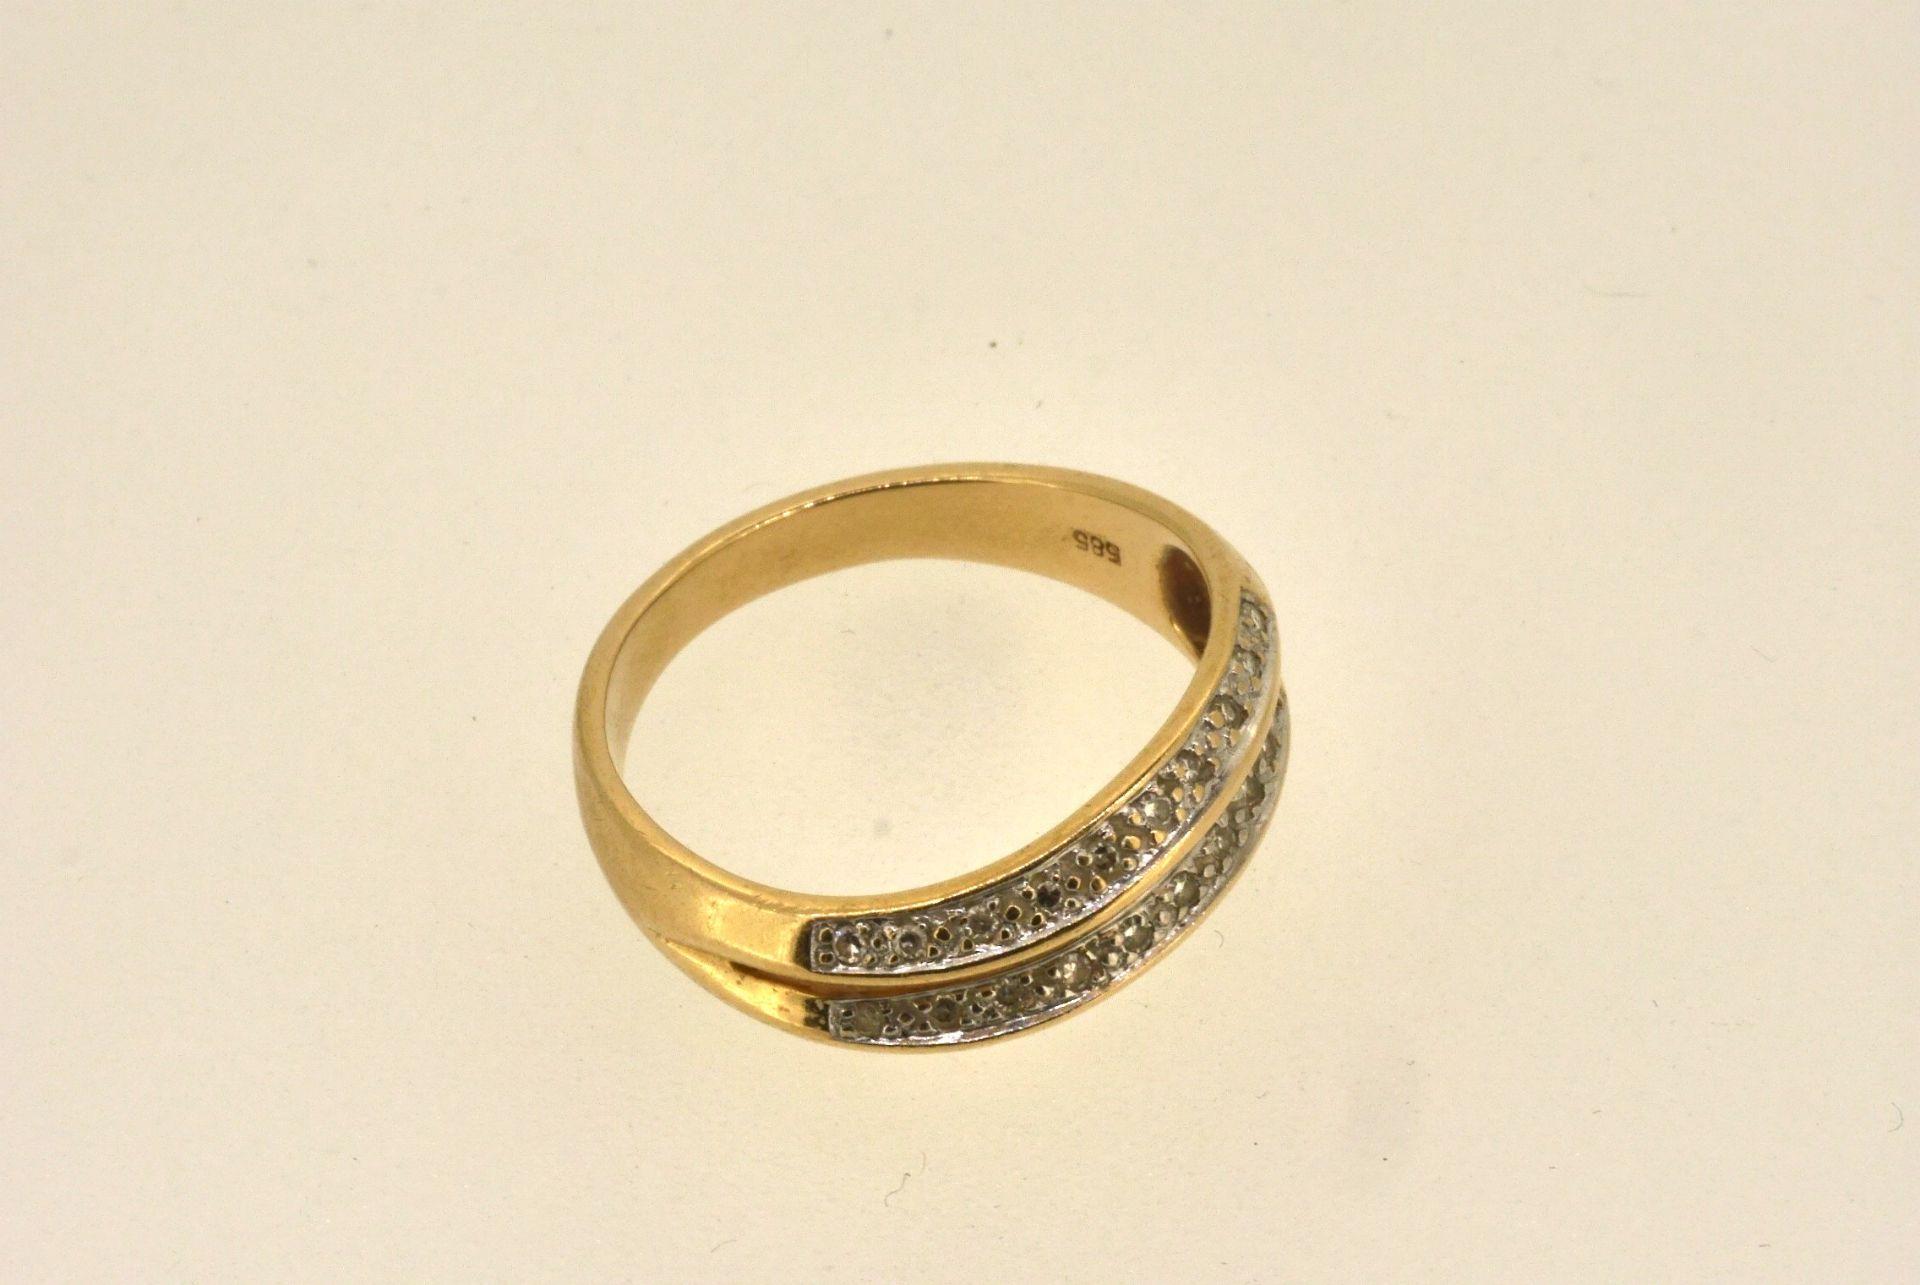 Ring GG 585, Diamanten, 3,87 Gramm - Bild 3 aus 4